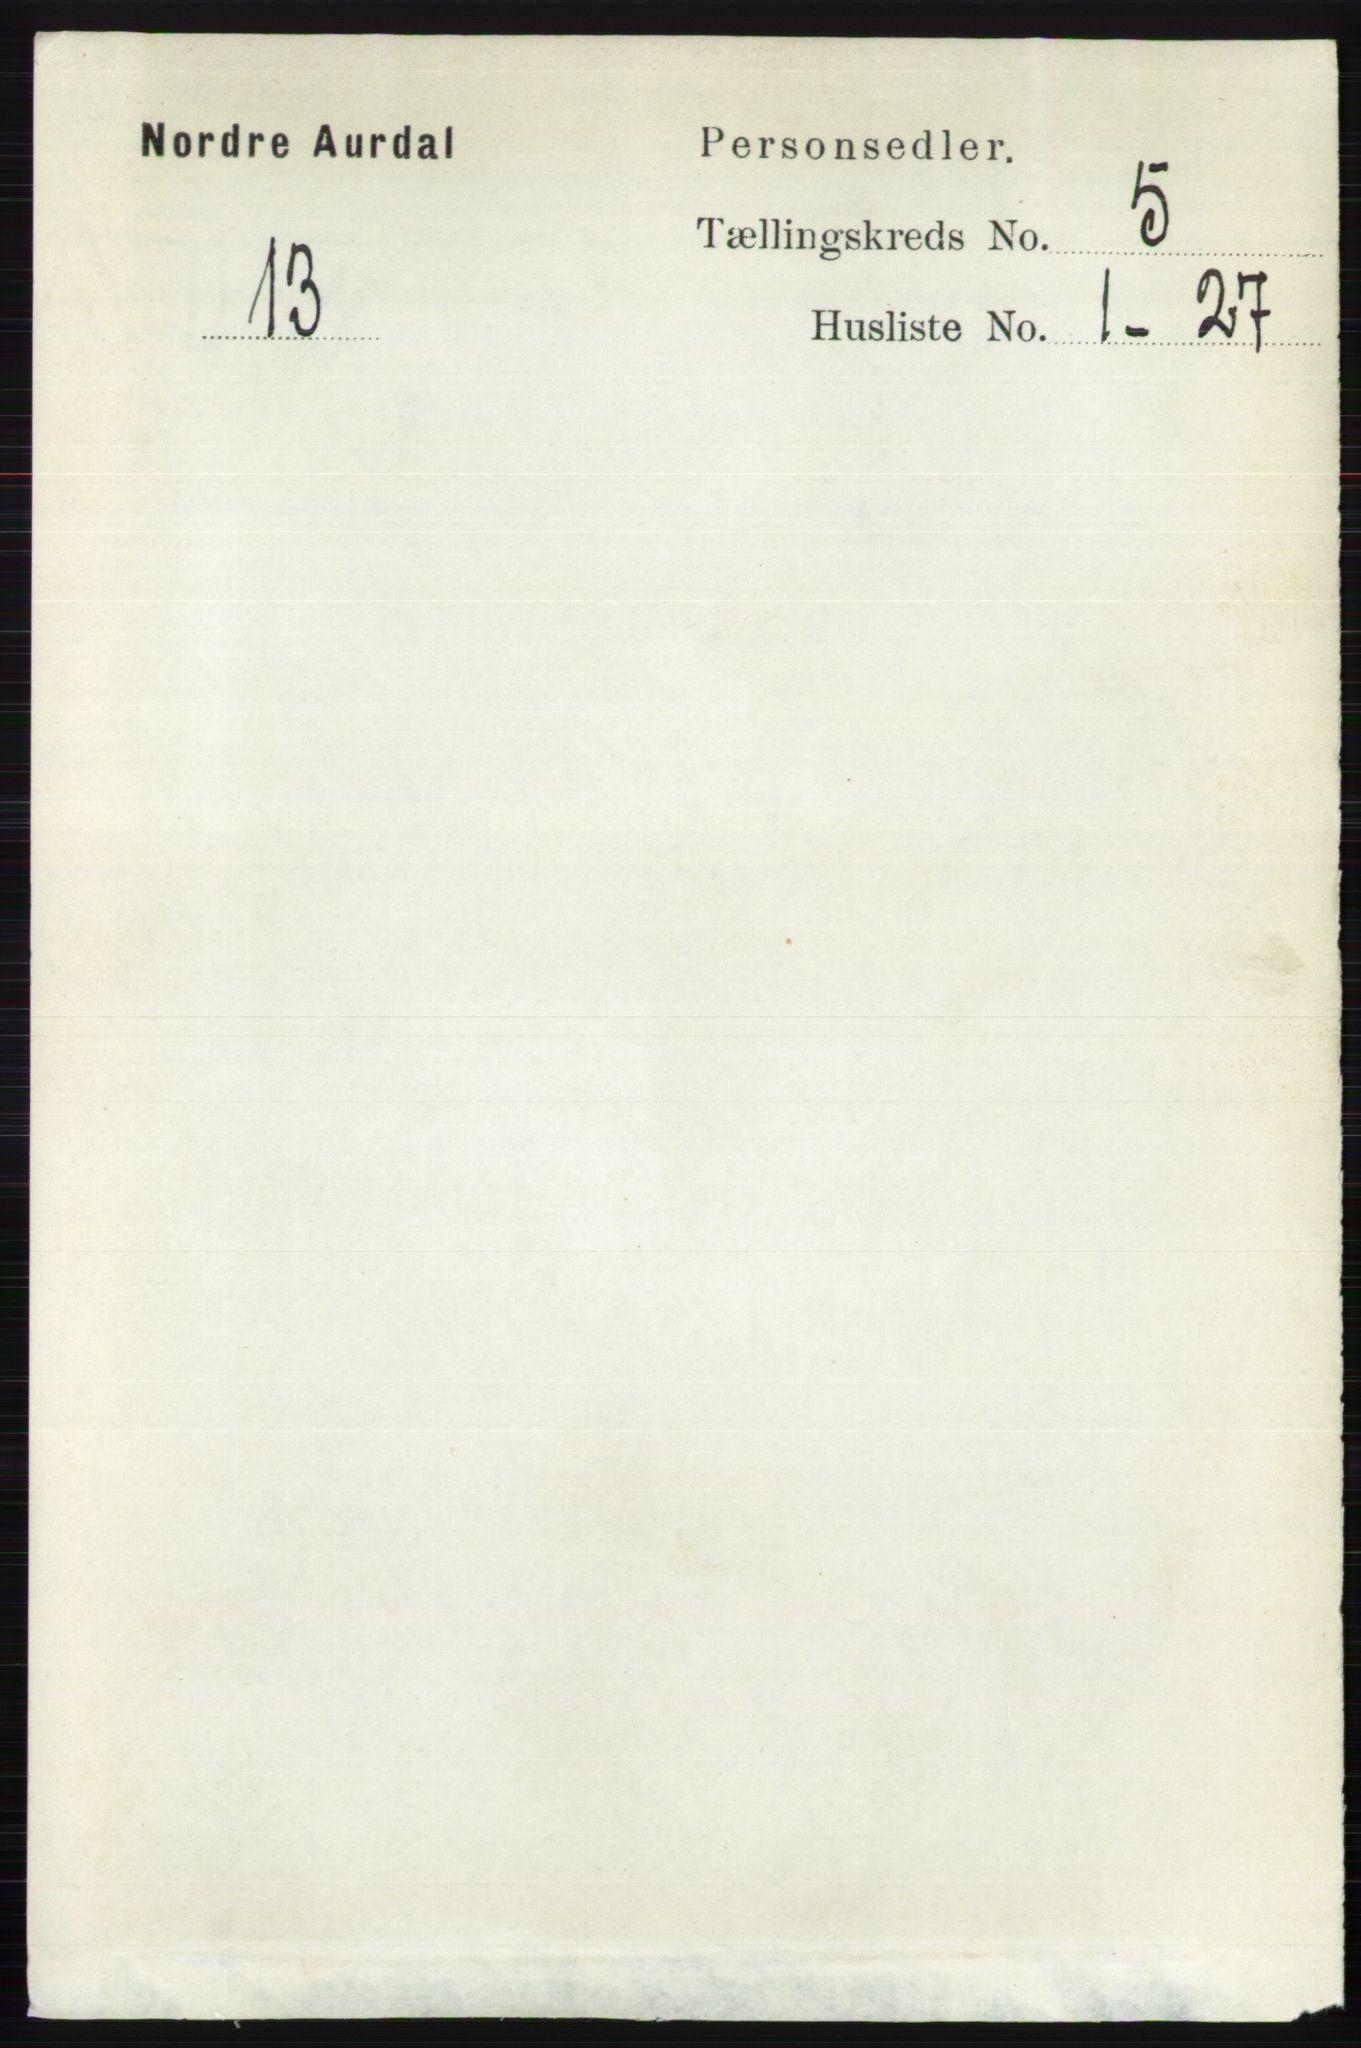 RA, Folketelling 1891 for 0542 Nord-Aurdal herred, 1891, s. 1350